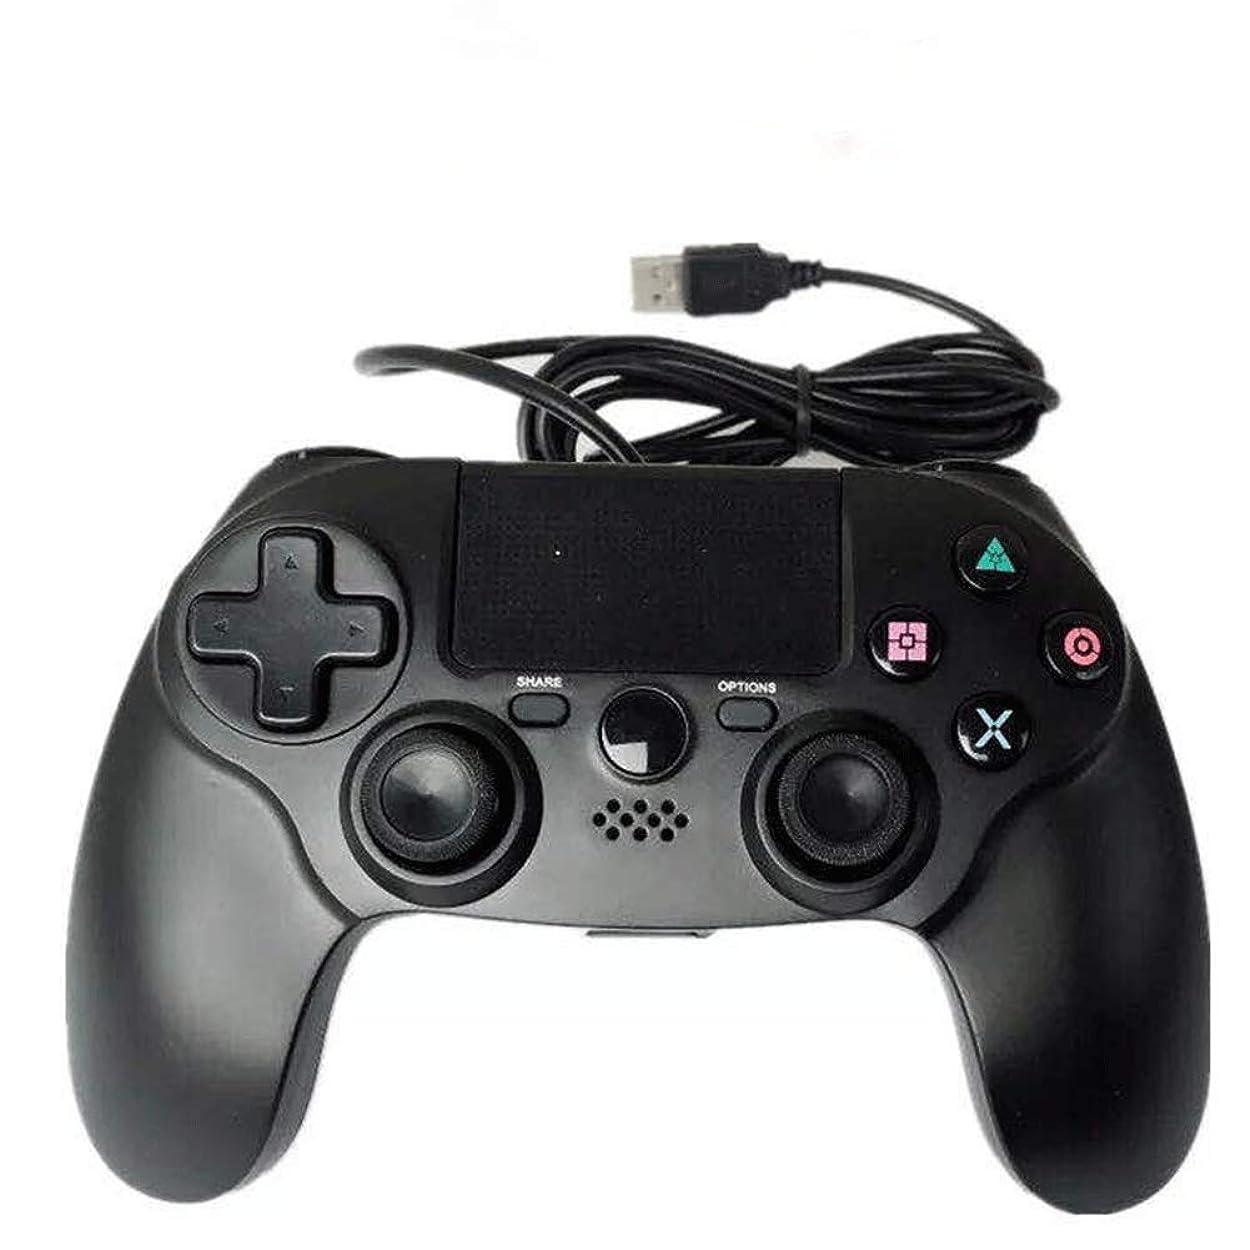 業界傷つける忠実なDrg0n PS4ケーブルハンドルPS4ゲームハンドルソリューション